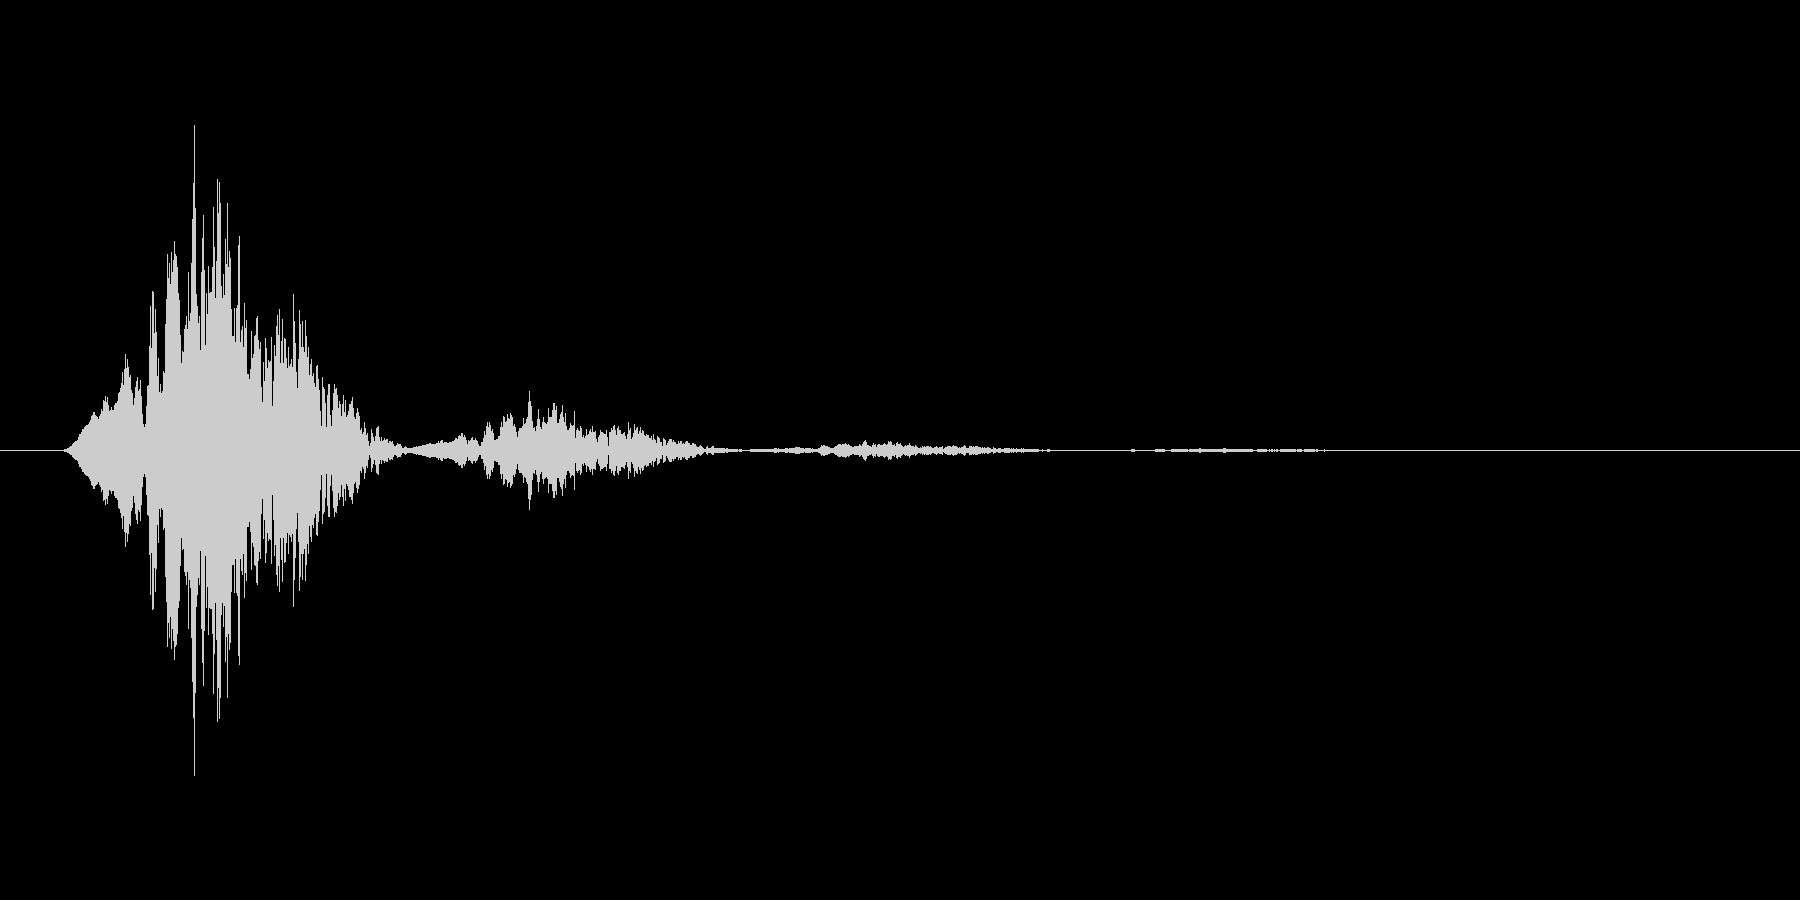 スワイプ.タップ.ページ送り音 03の未再生の波形